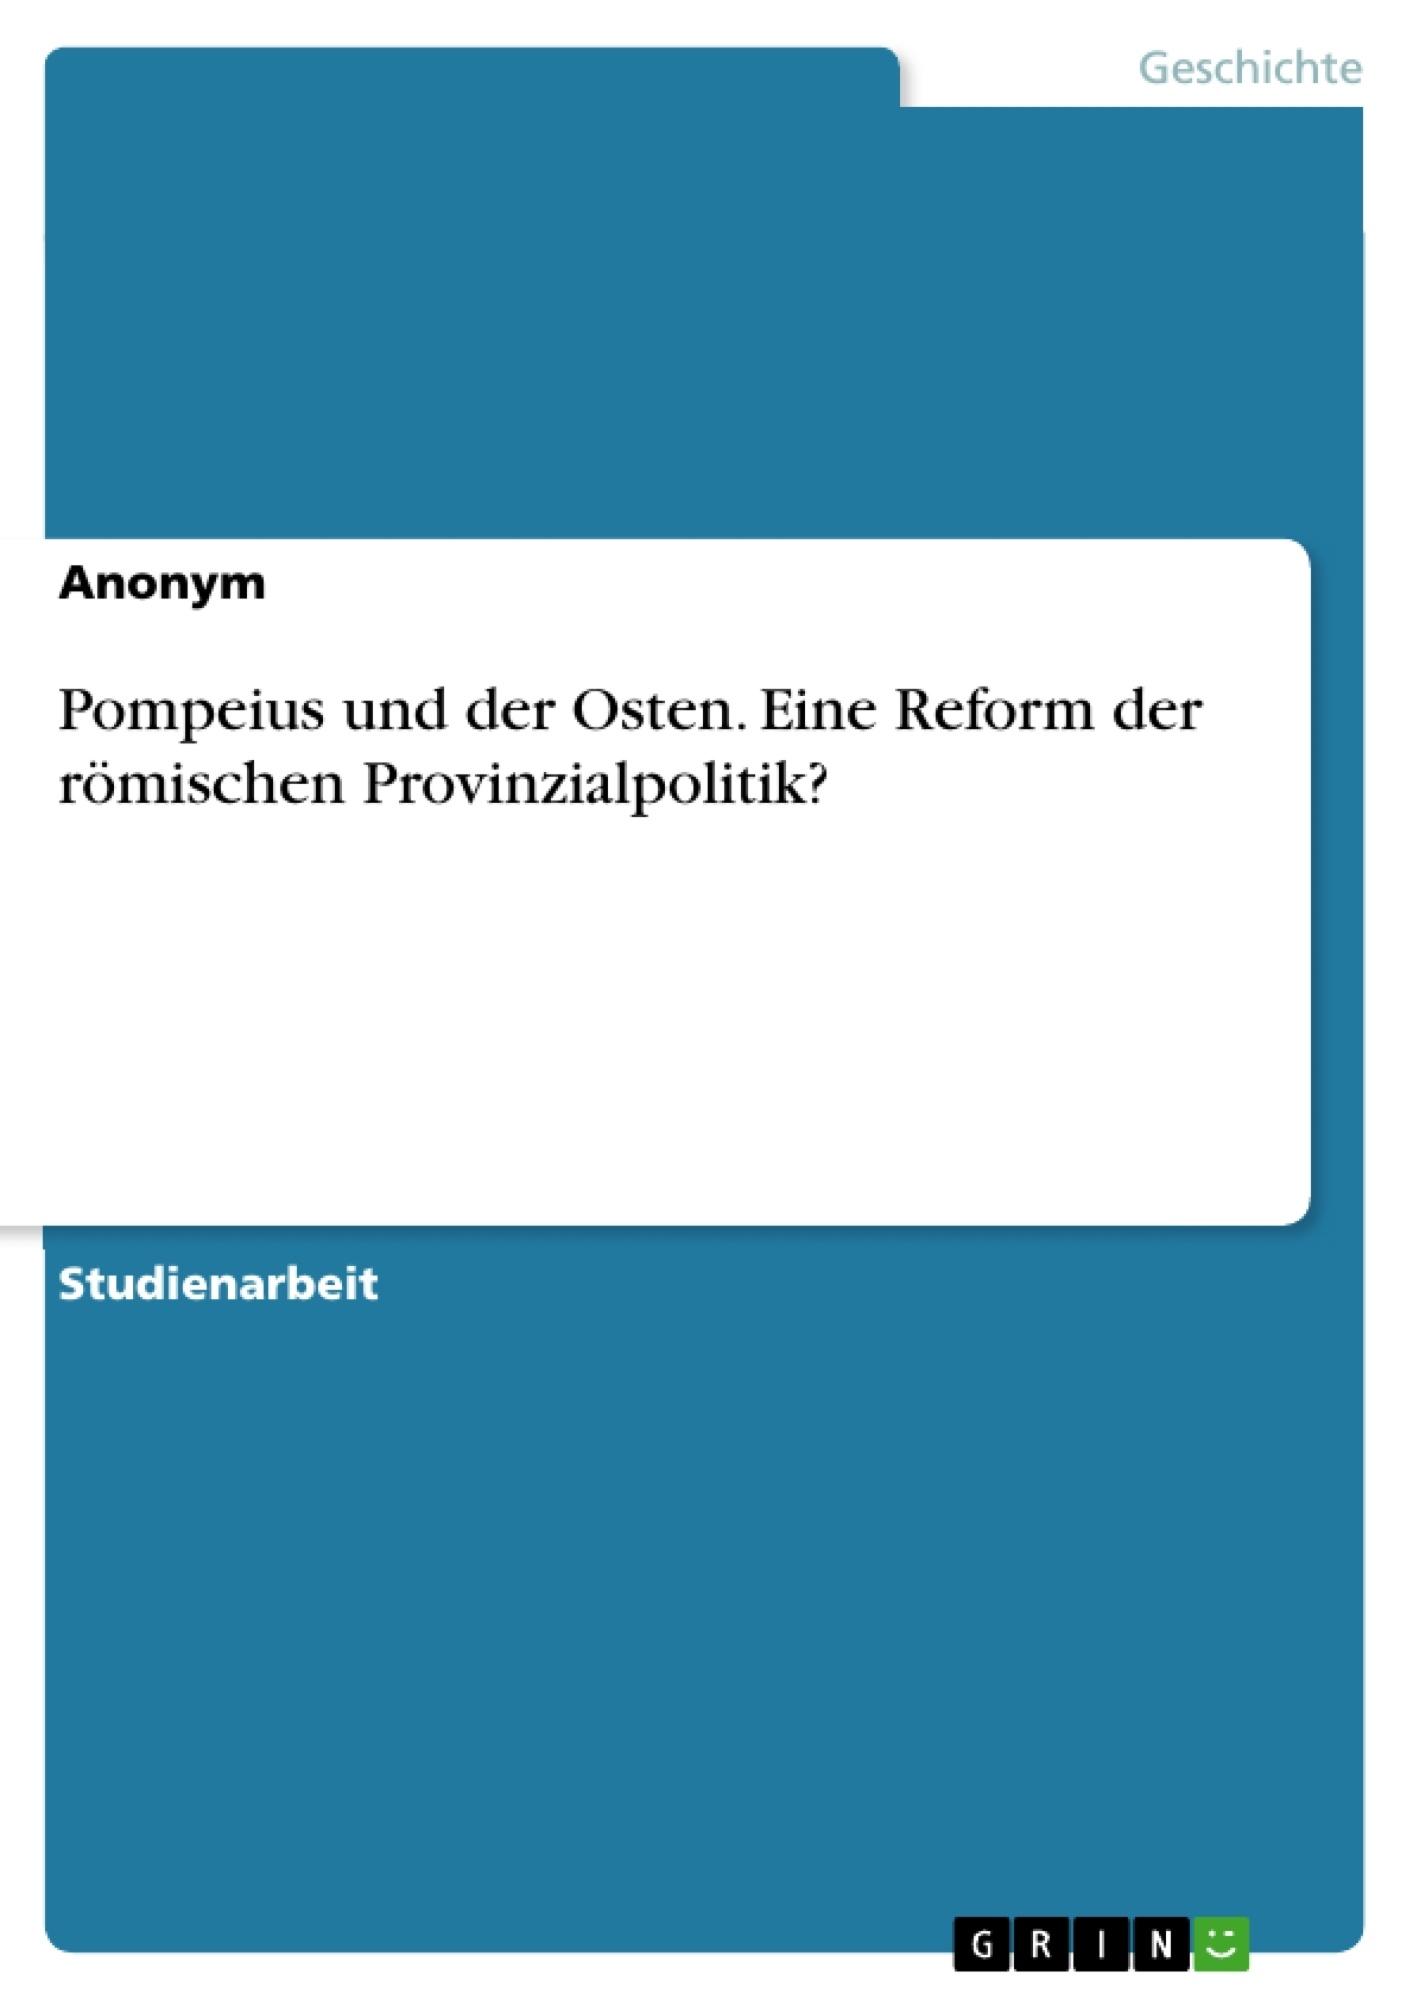 Titel: Pompeius und der Osten. Eine Reform der römischen Provinzialpolitik?